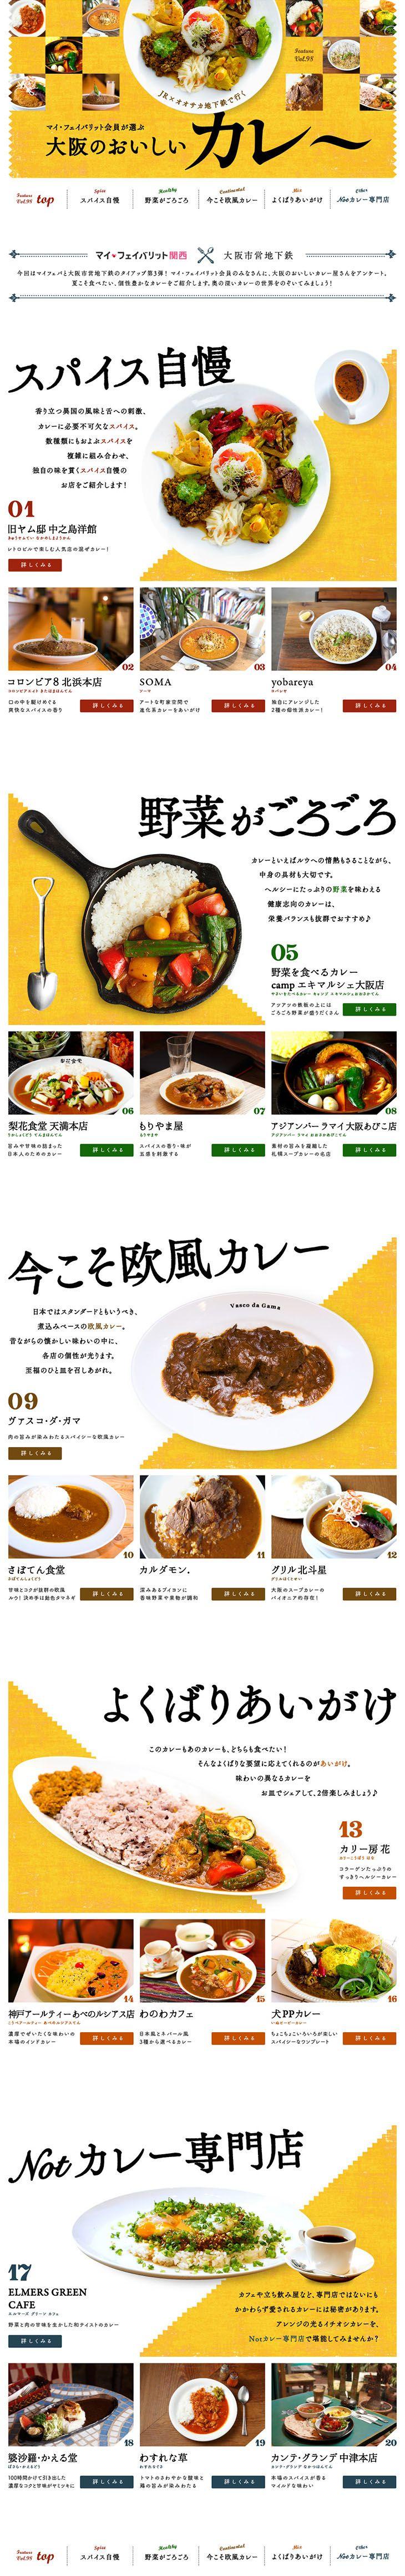 マイ・フェイバリット関西 大阪のおいしいカレー